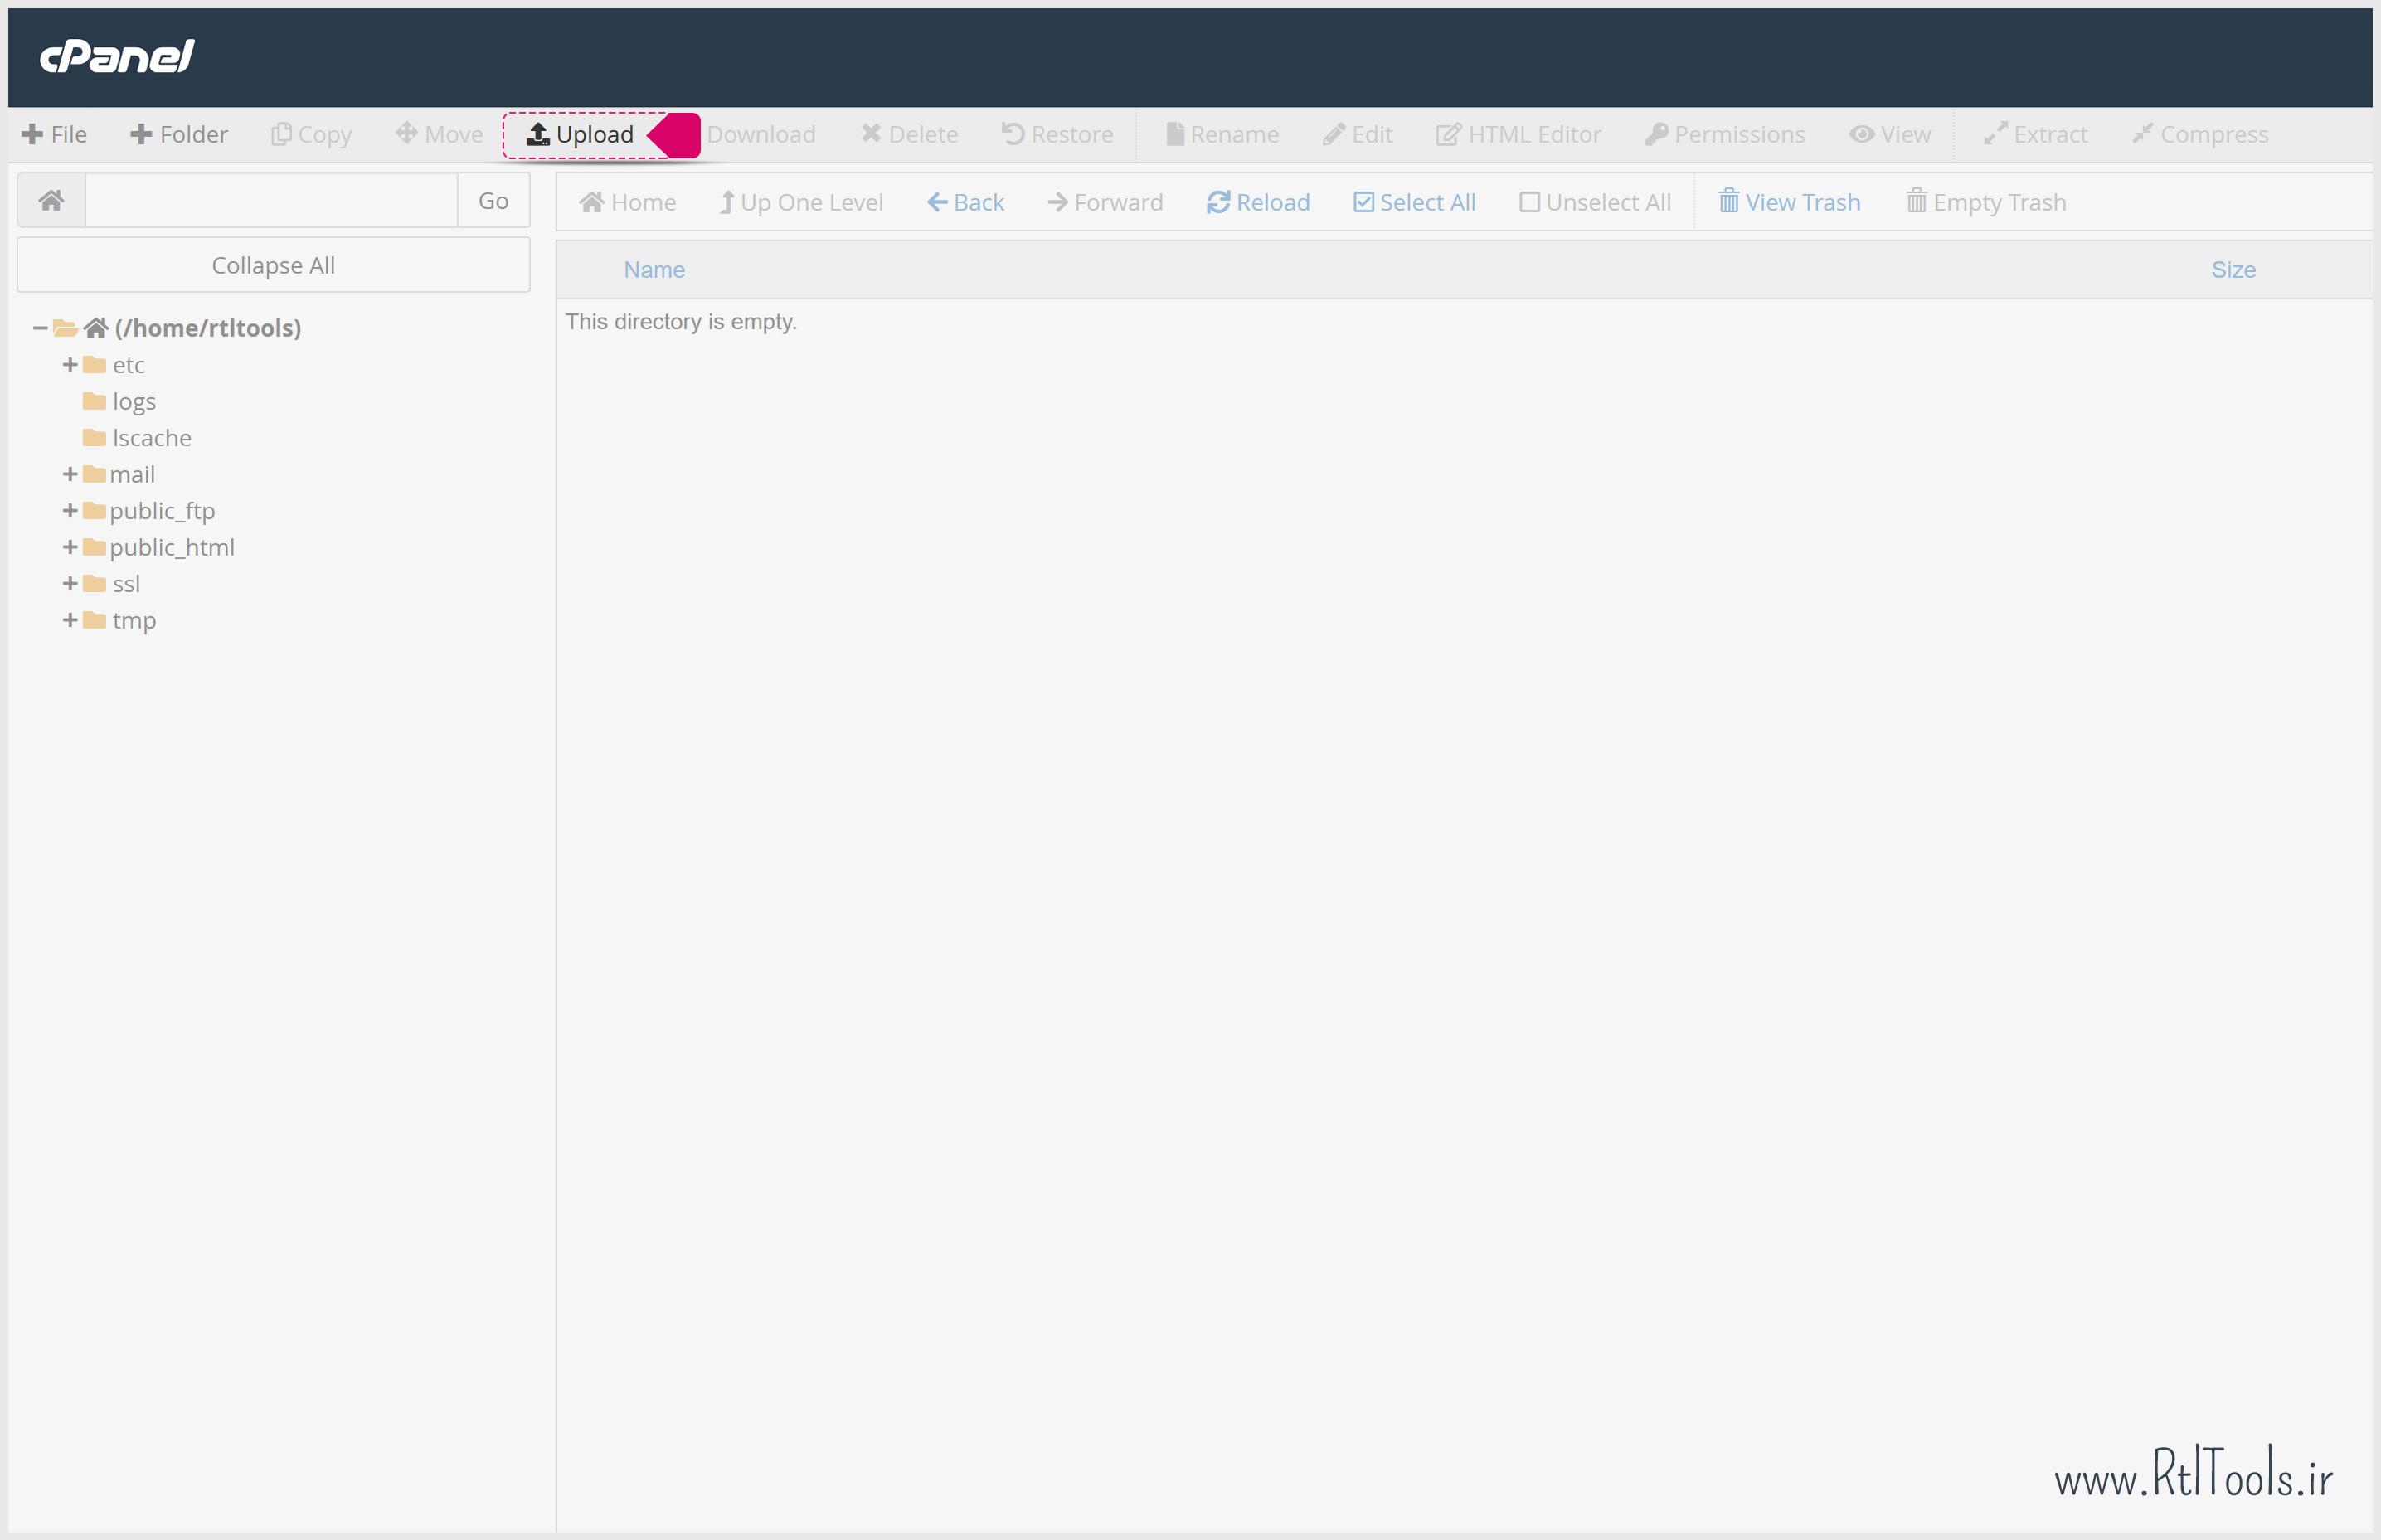 upload file to cPanel | آپلود فایل در سی پنل | آموزش تصویری راه اندازی بسته نصبی وردپرس